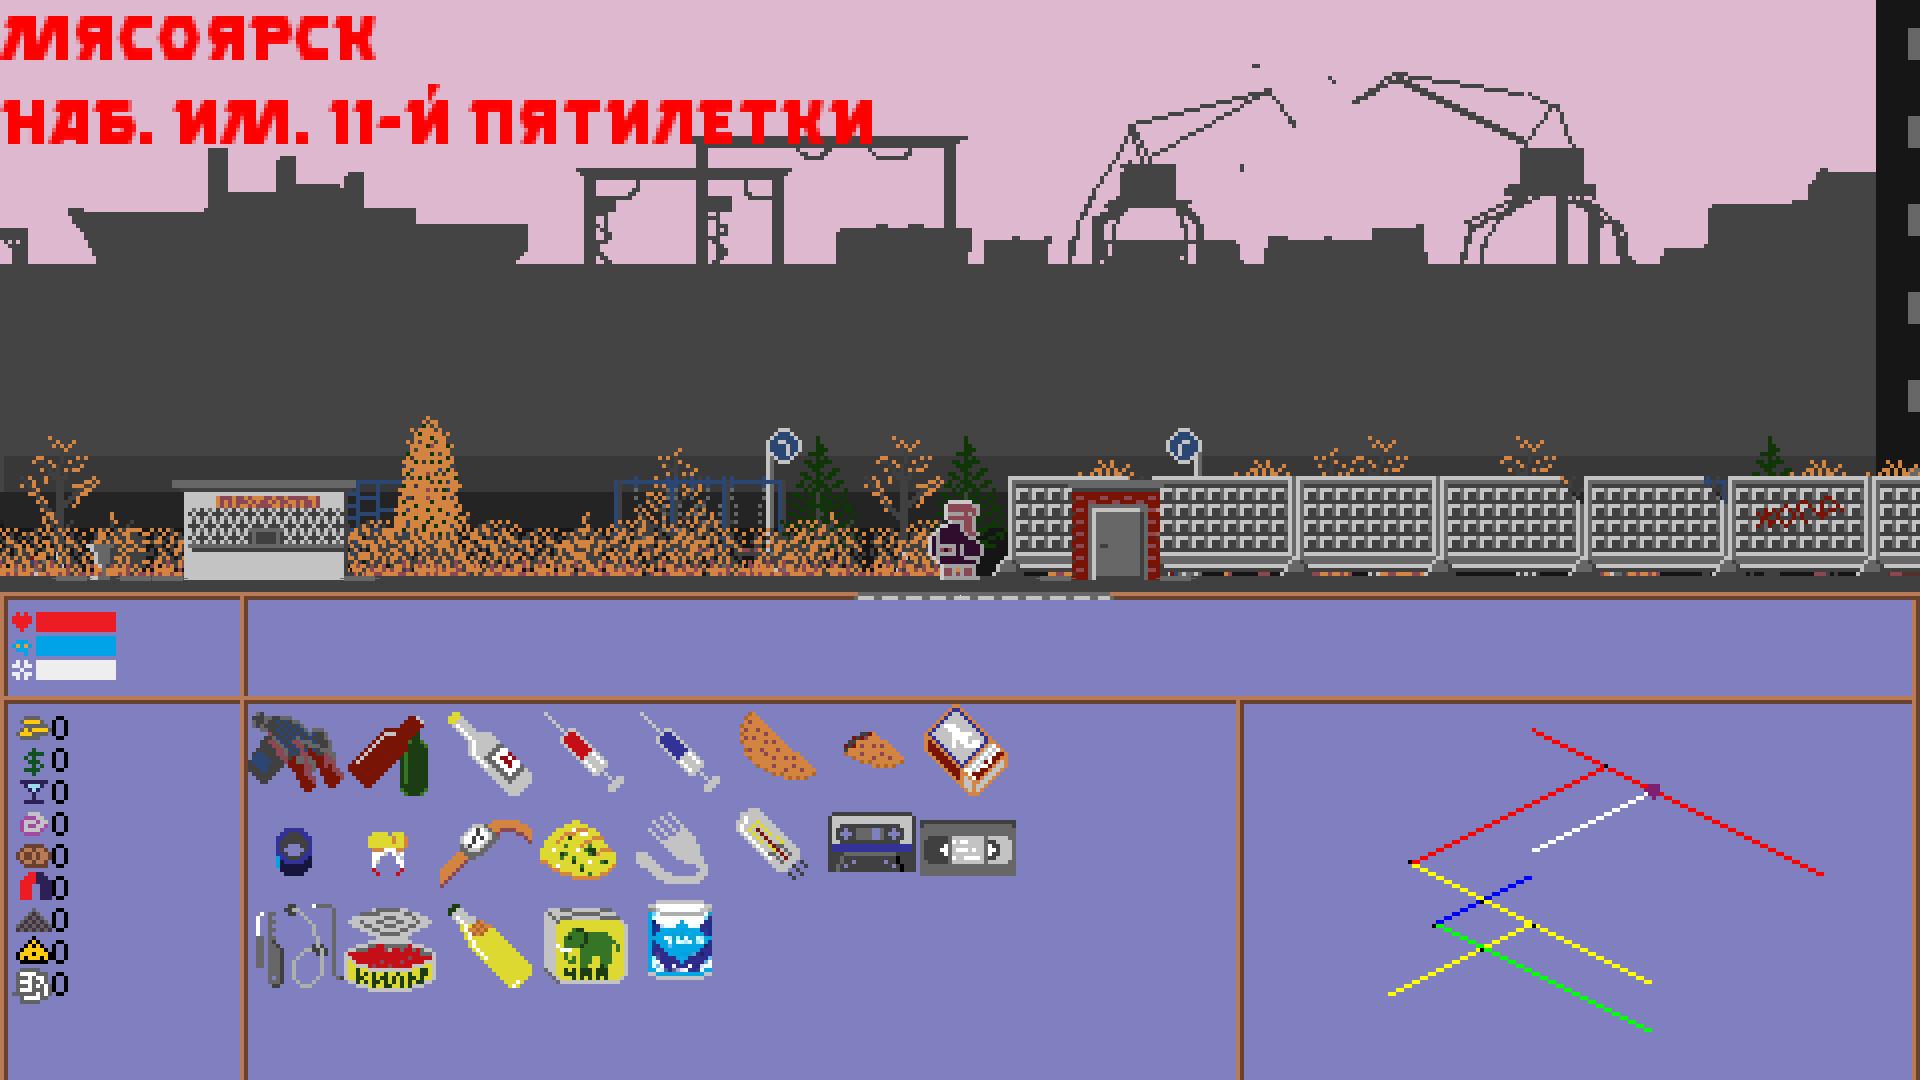 shot210614183449   Конкурс игр: Перерождение (20000р). Конкурс завершен.